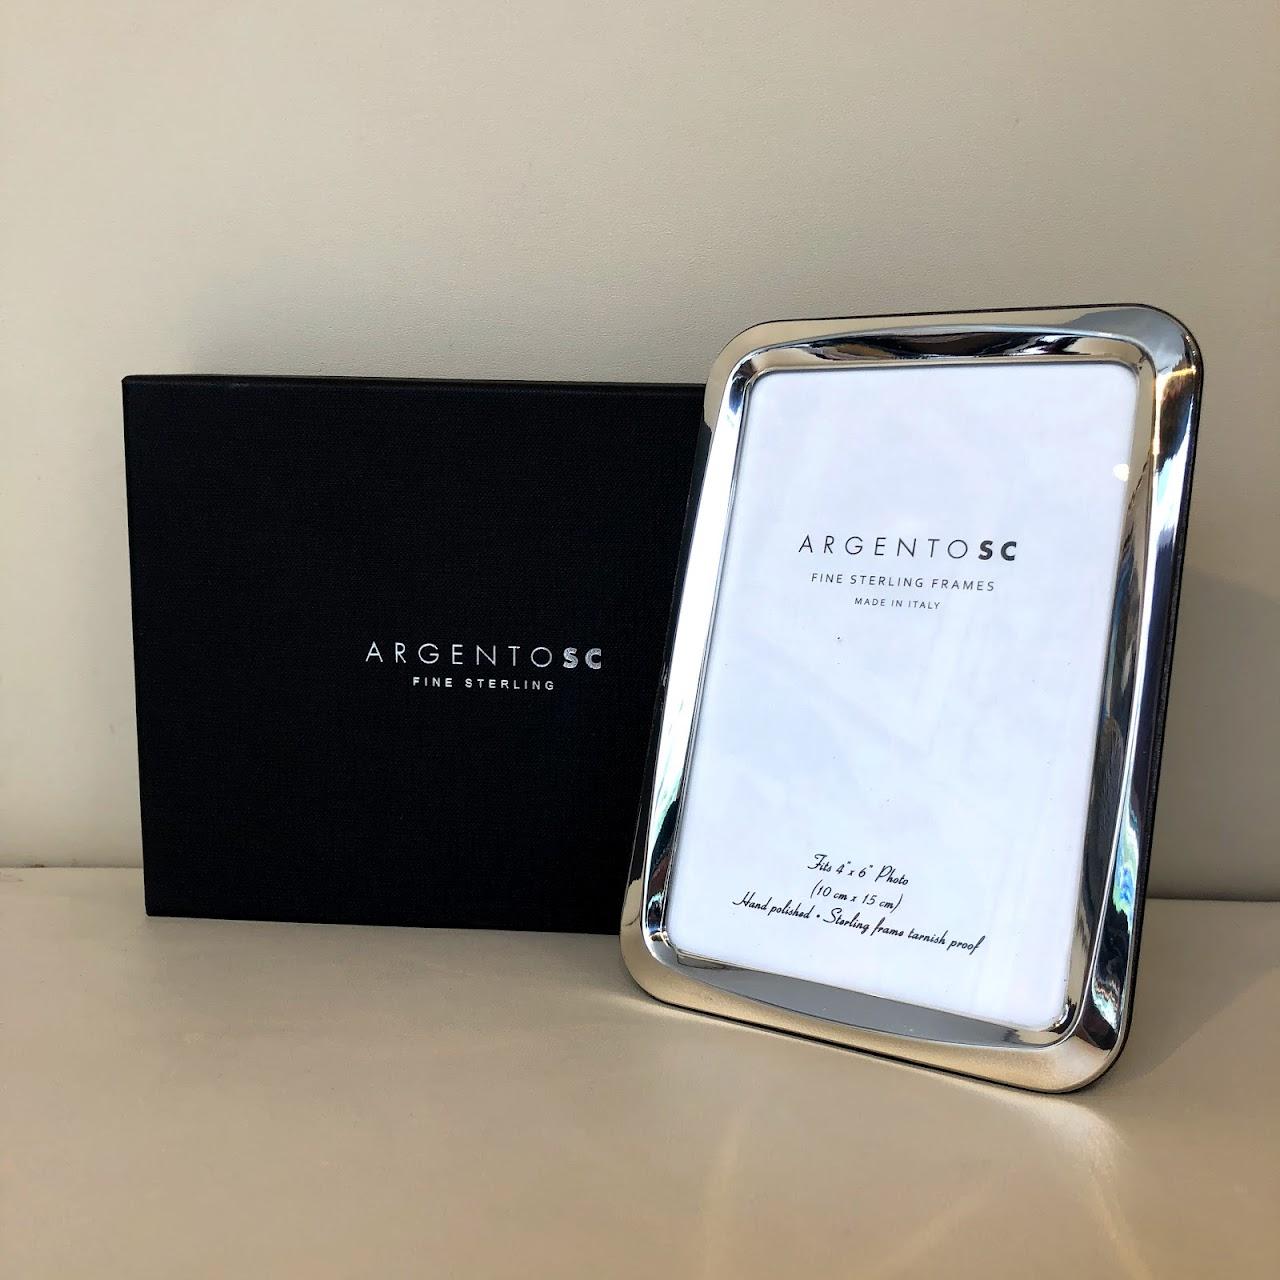 Argento Sc New Sterling Silver Hammered Frame 5x7 Shophousingworks